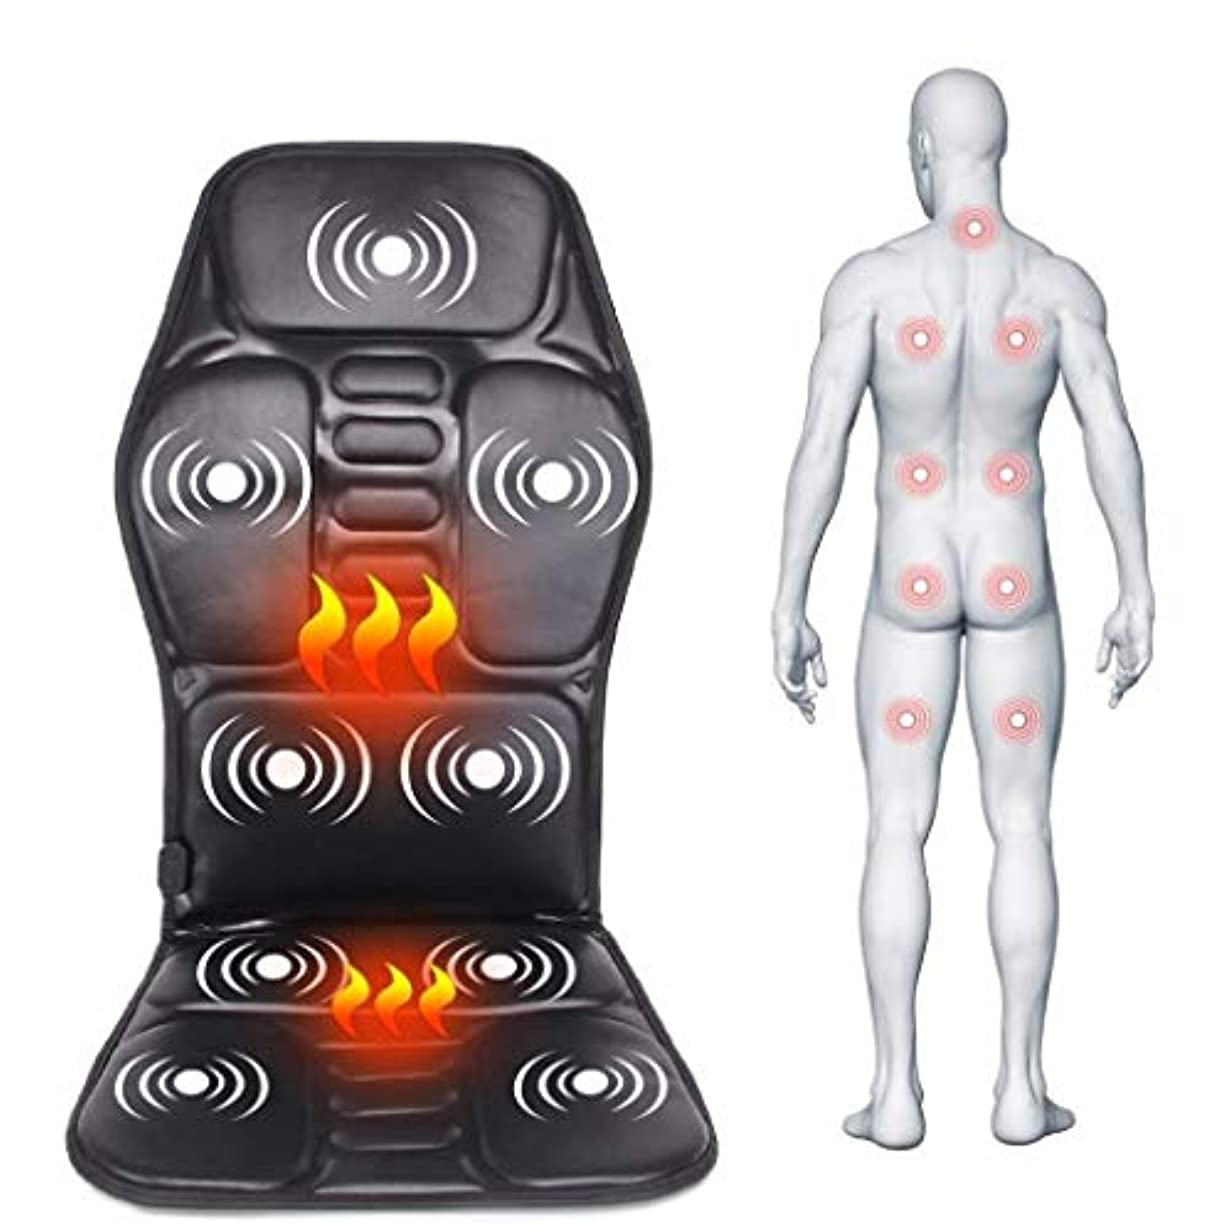 老朽化した家庭フィードバックマッサージクッション、電動ポータブル暖房/振動/マッサージ、カー/ホーム/オフィスでの使用、腰と首の痛みを和らげるには、血液循環を促進、疲労を和らげます